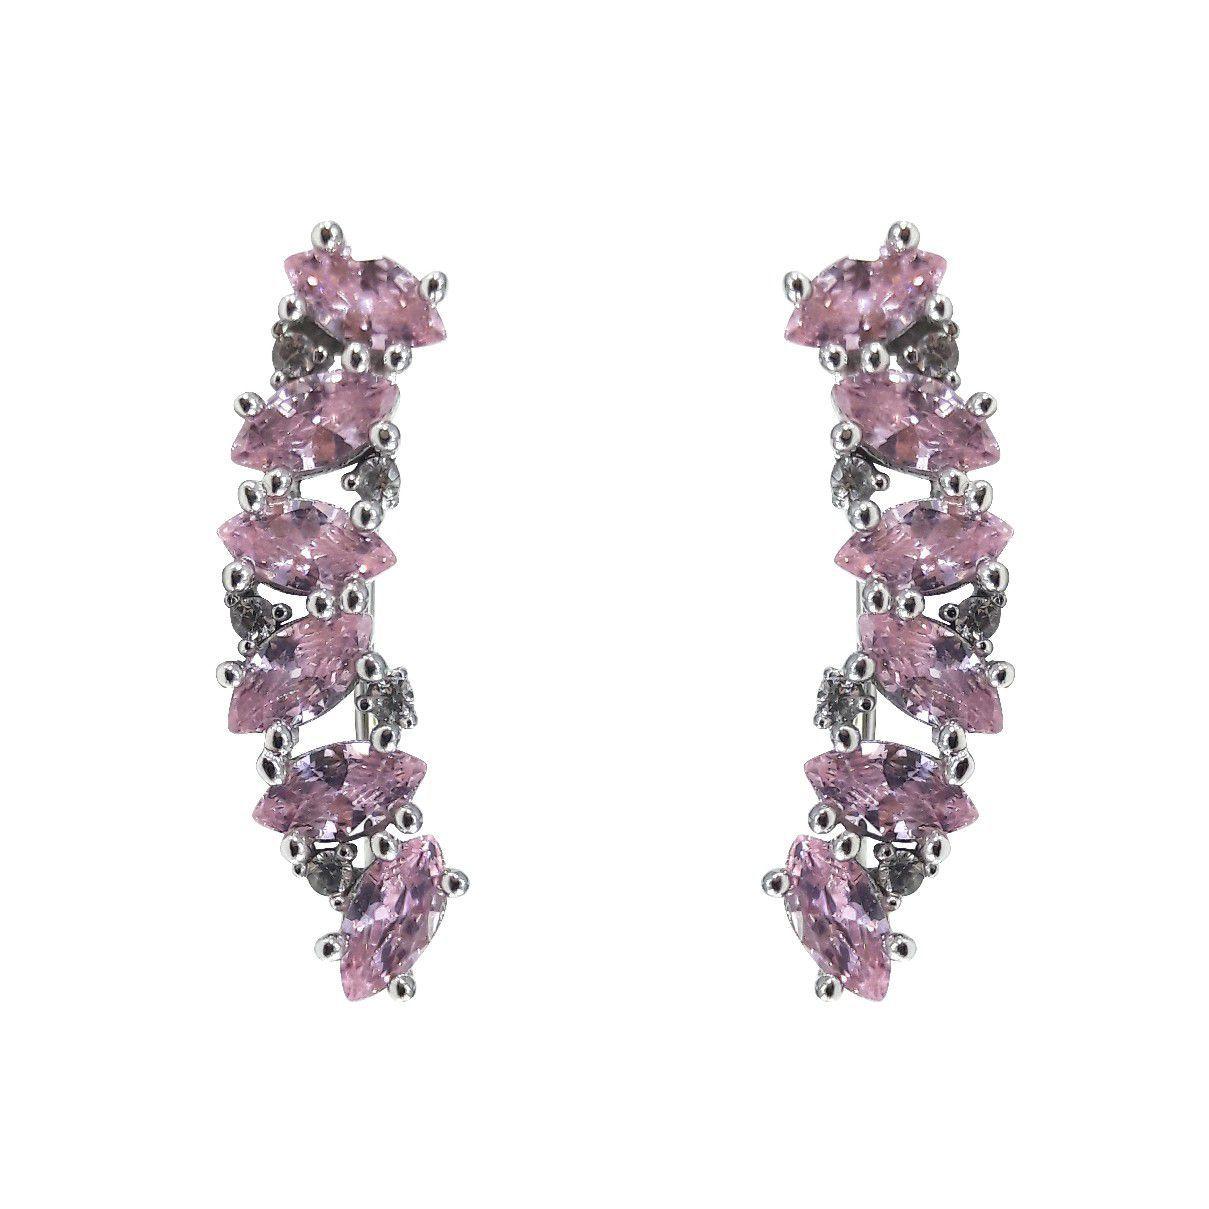 Brinco Earcuff em Prata 925 Navetes Rosa Detalhes Cravejado com Zircônias Branca